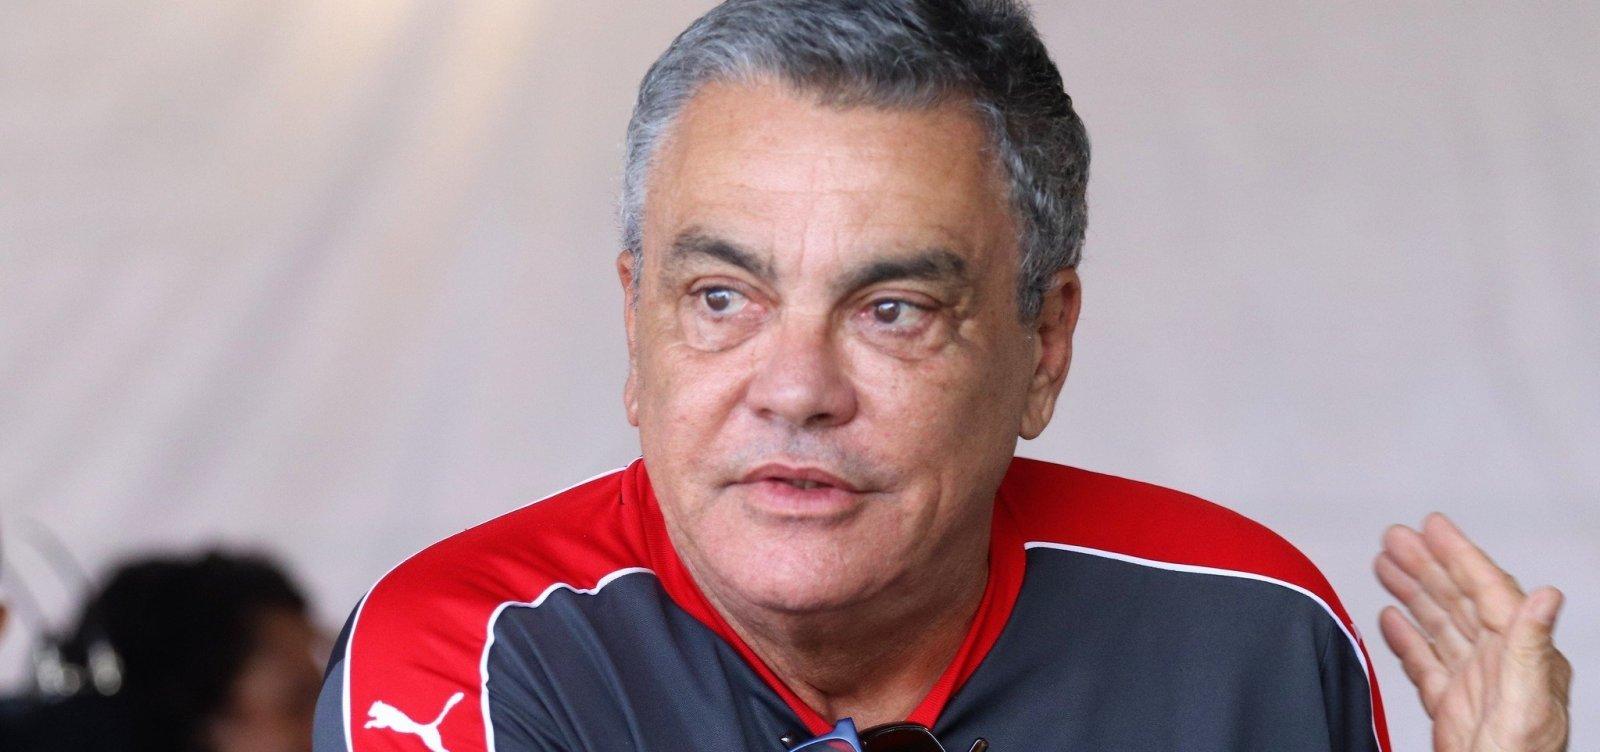 [STJD suspende e multa presidente do Vitória por ataques a árbitro]